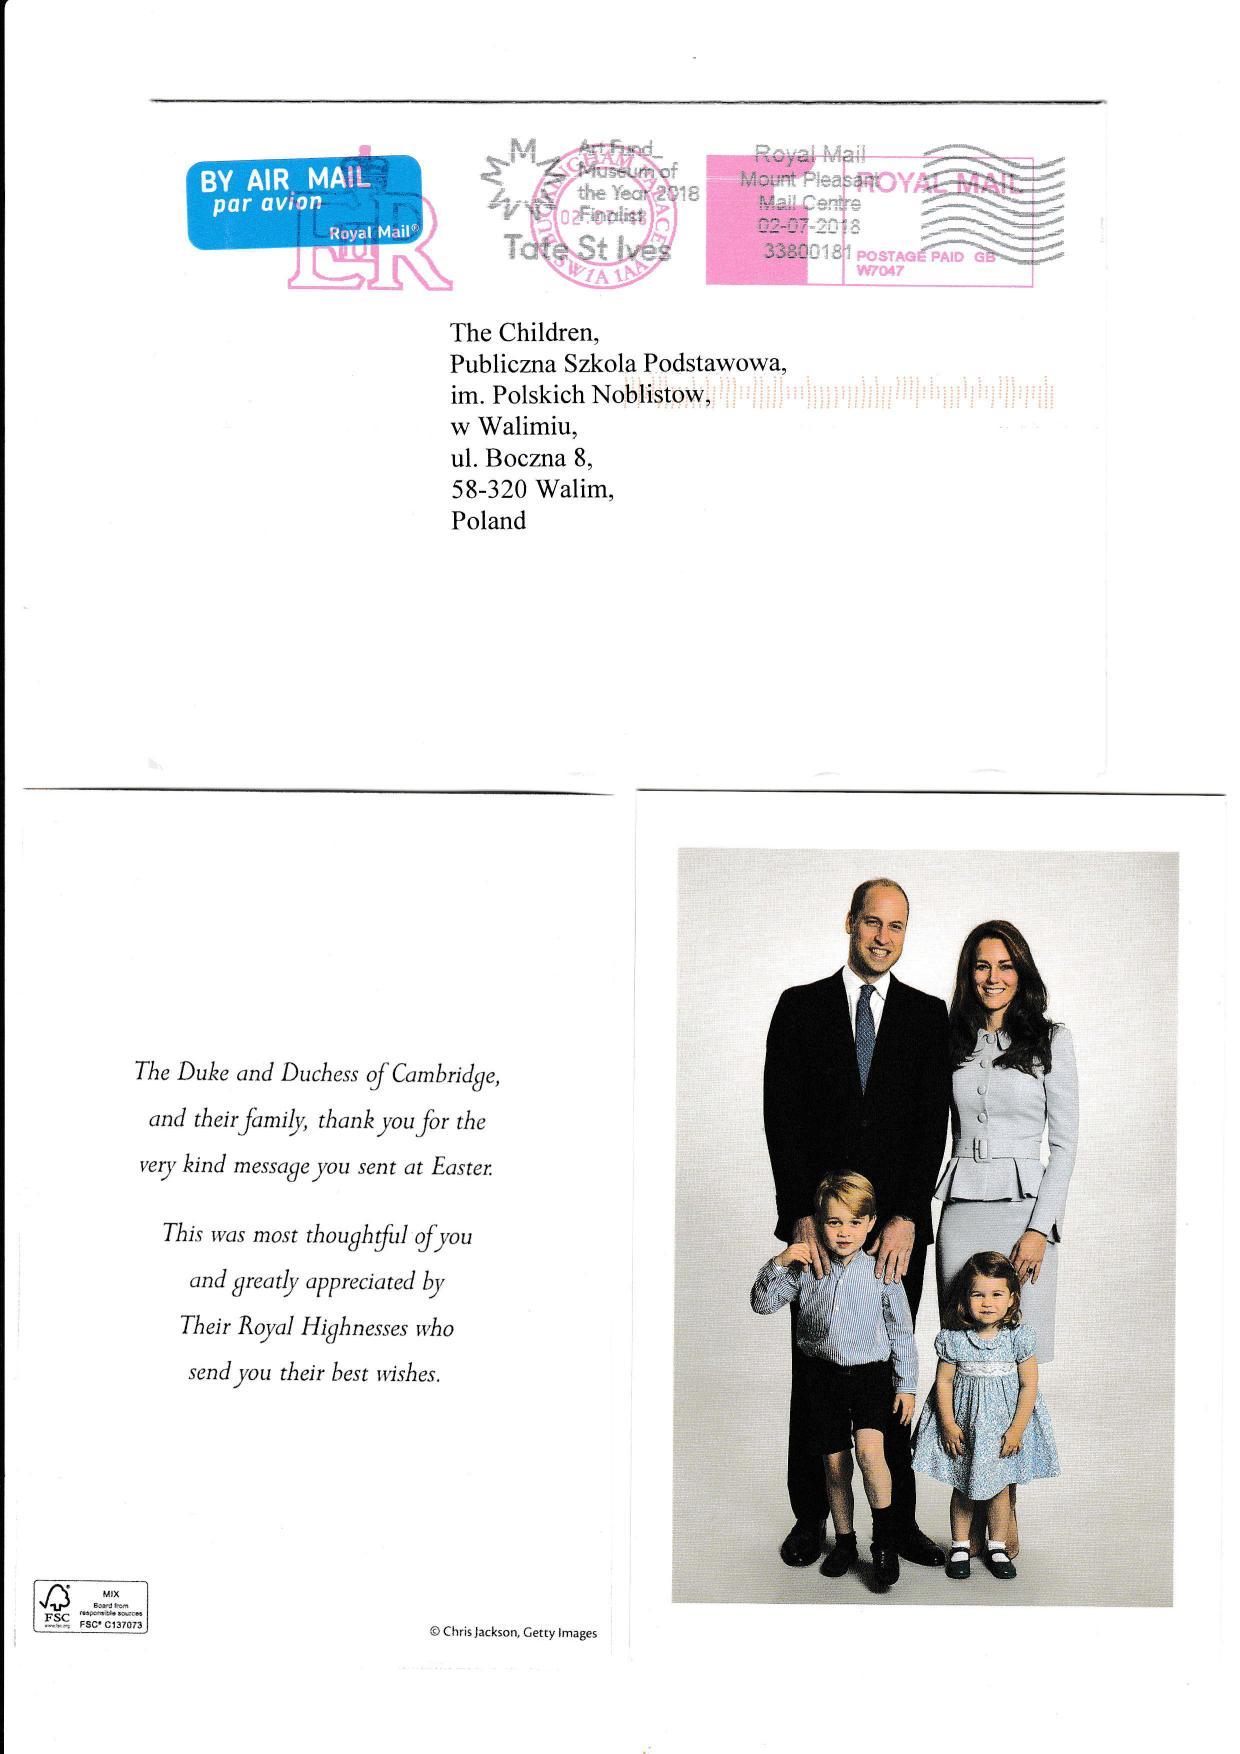 Podziękowania od pary książęcej